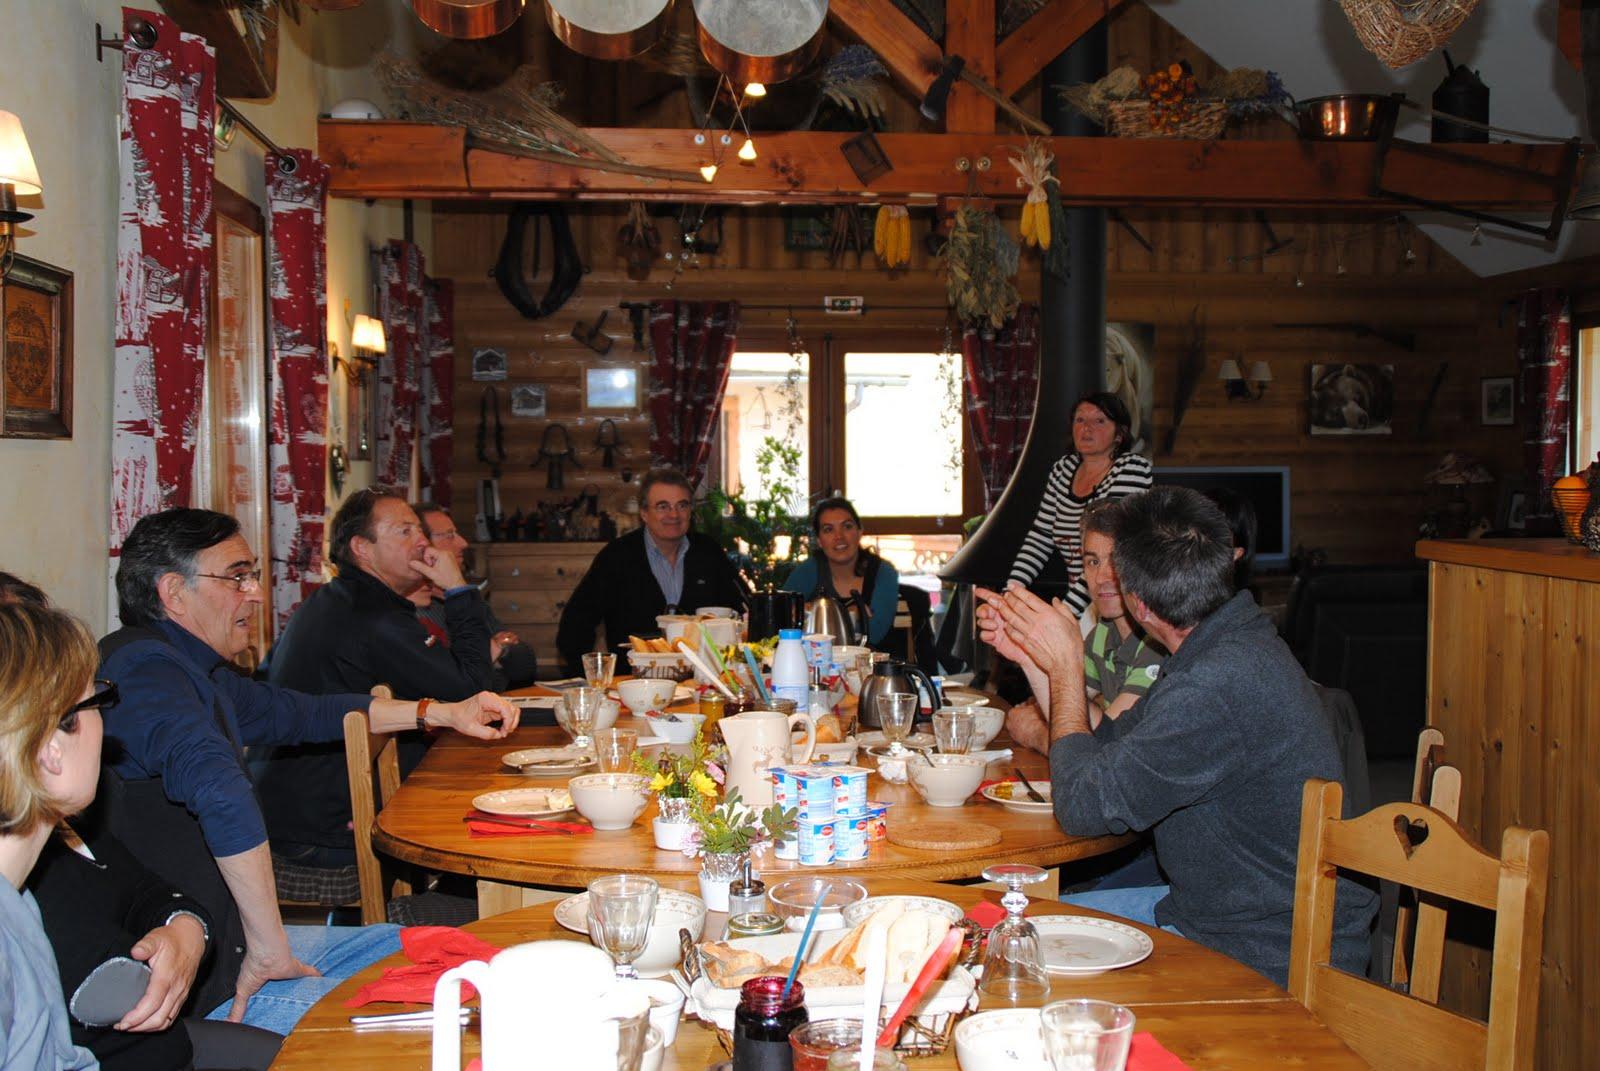 News de l 39 office de tourisme bourg d 39 oisans avril 2010 - Bourg d oisans office tourisme ...